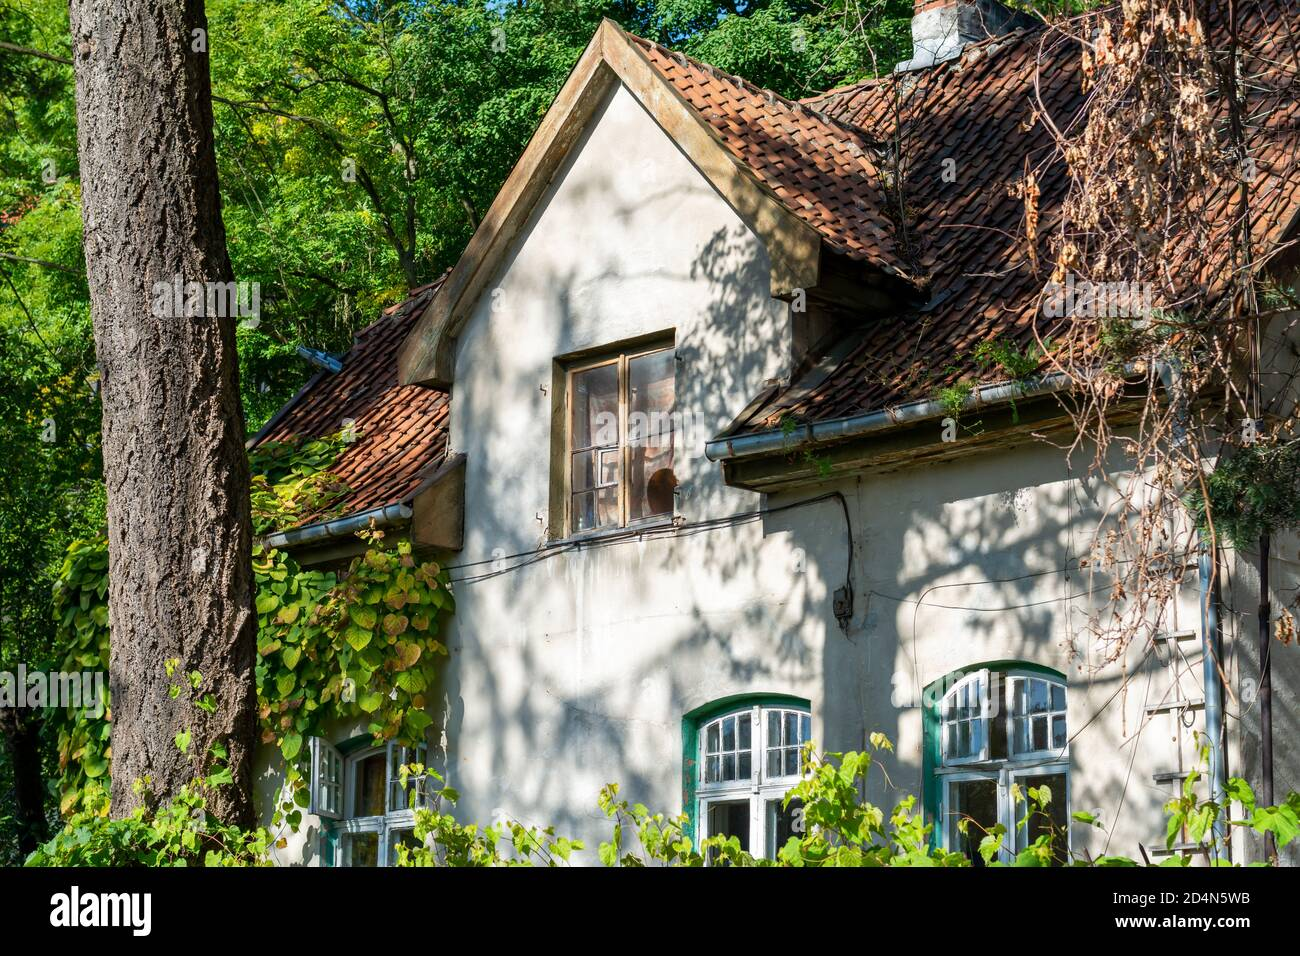 maison du xixe siècle avec toit-fenêtre carrelé. Façade avant détails, belle vieille maison de campagne dans la forêt. Banque D'Images